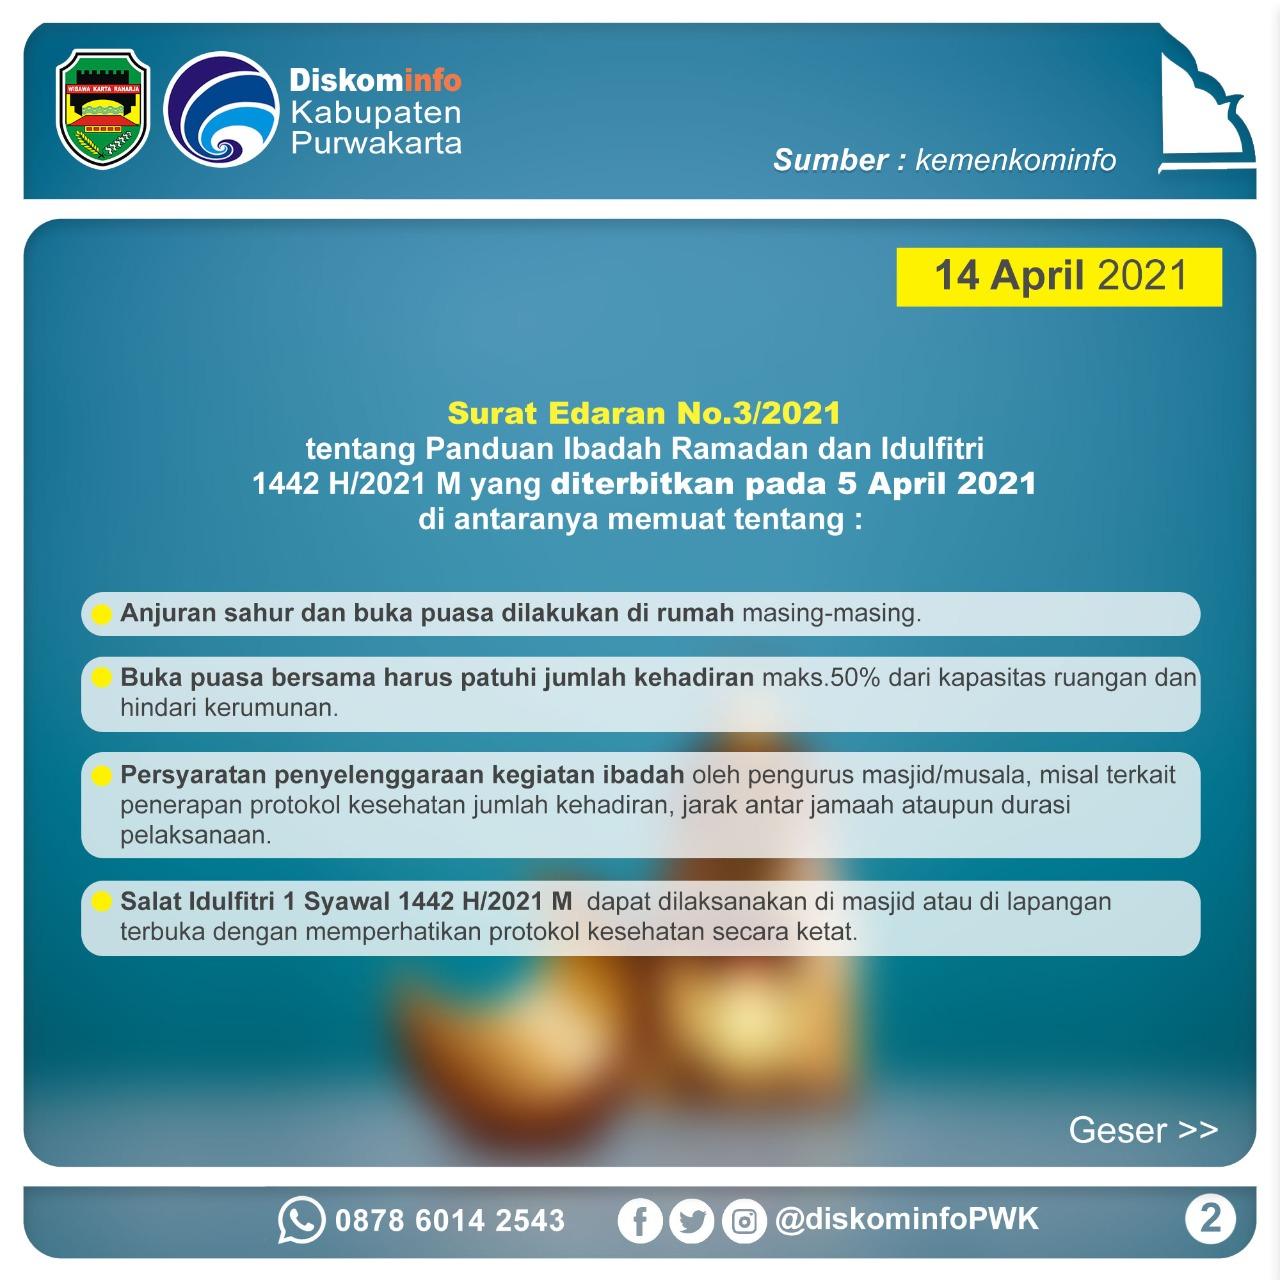 Surat Edaran No.3/2021